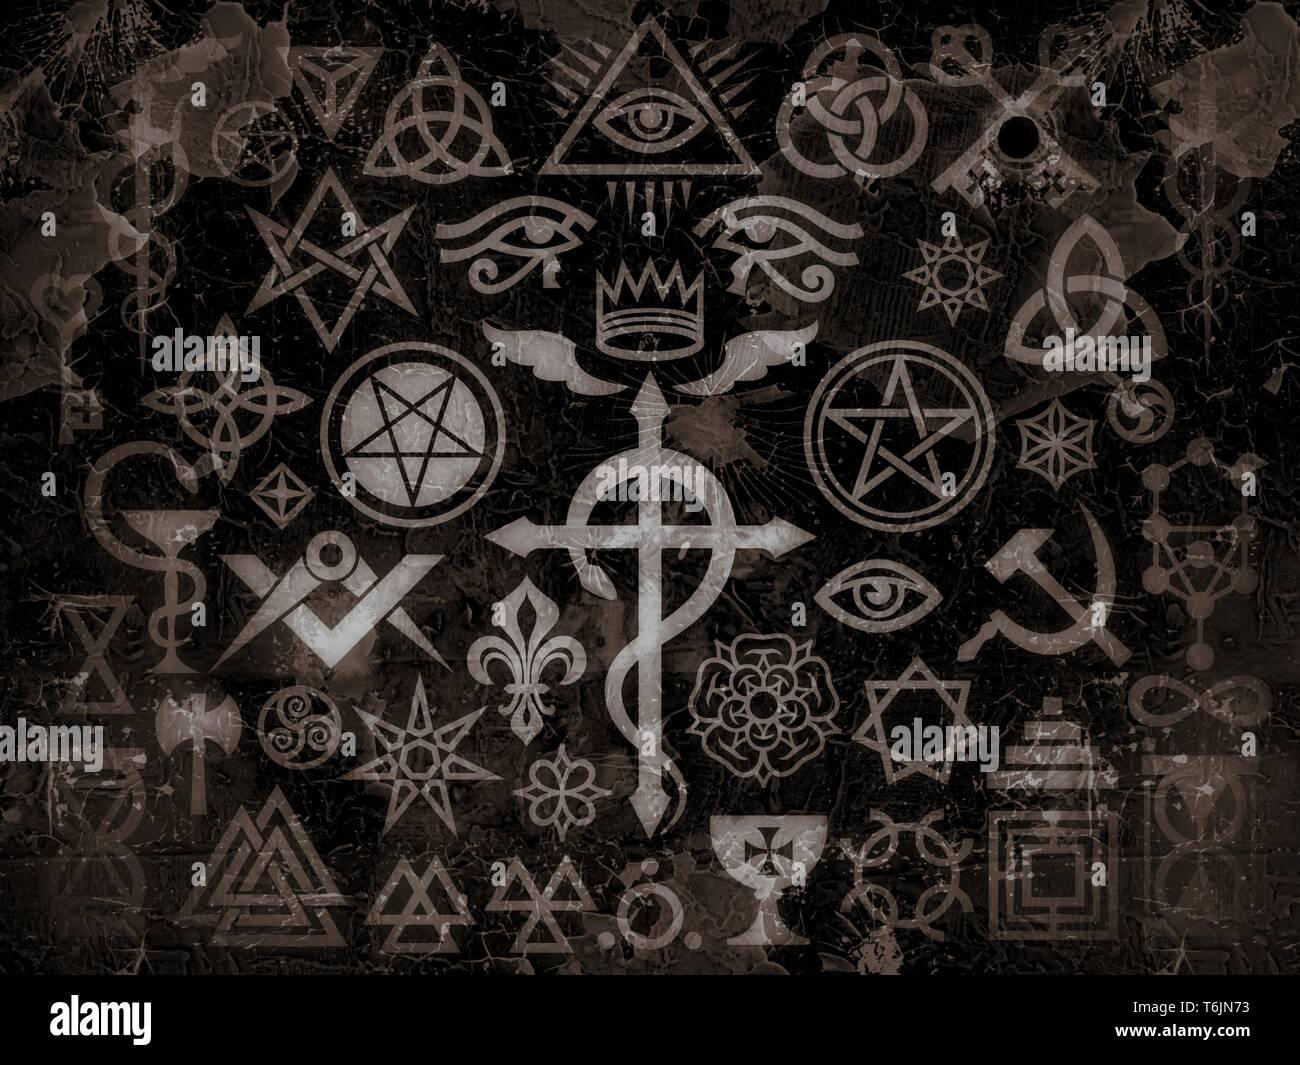 Mittelalterliche okkulten Zeichen und Magie Briefmarken (Vintage Grime Edition) Stockbild